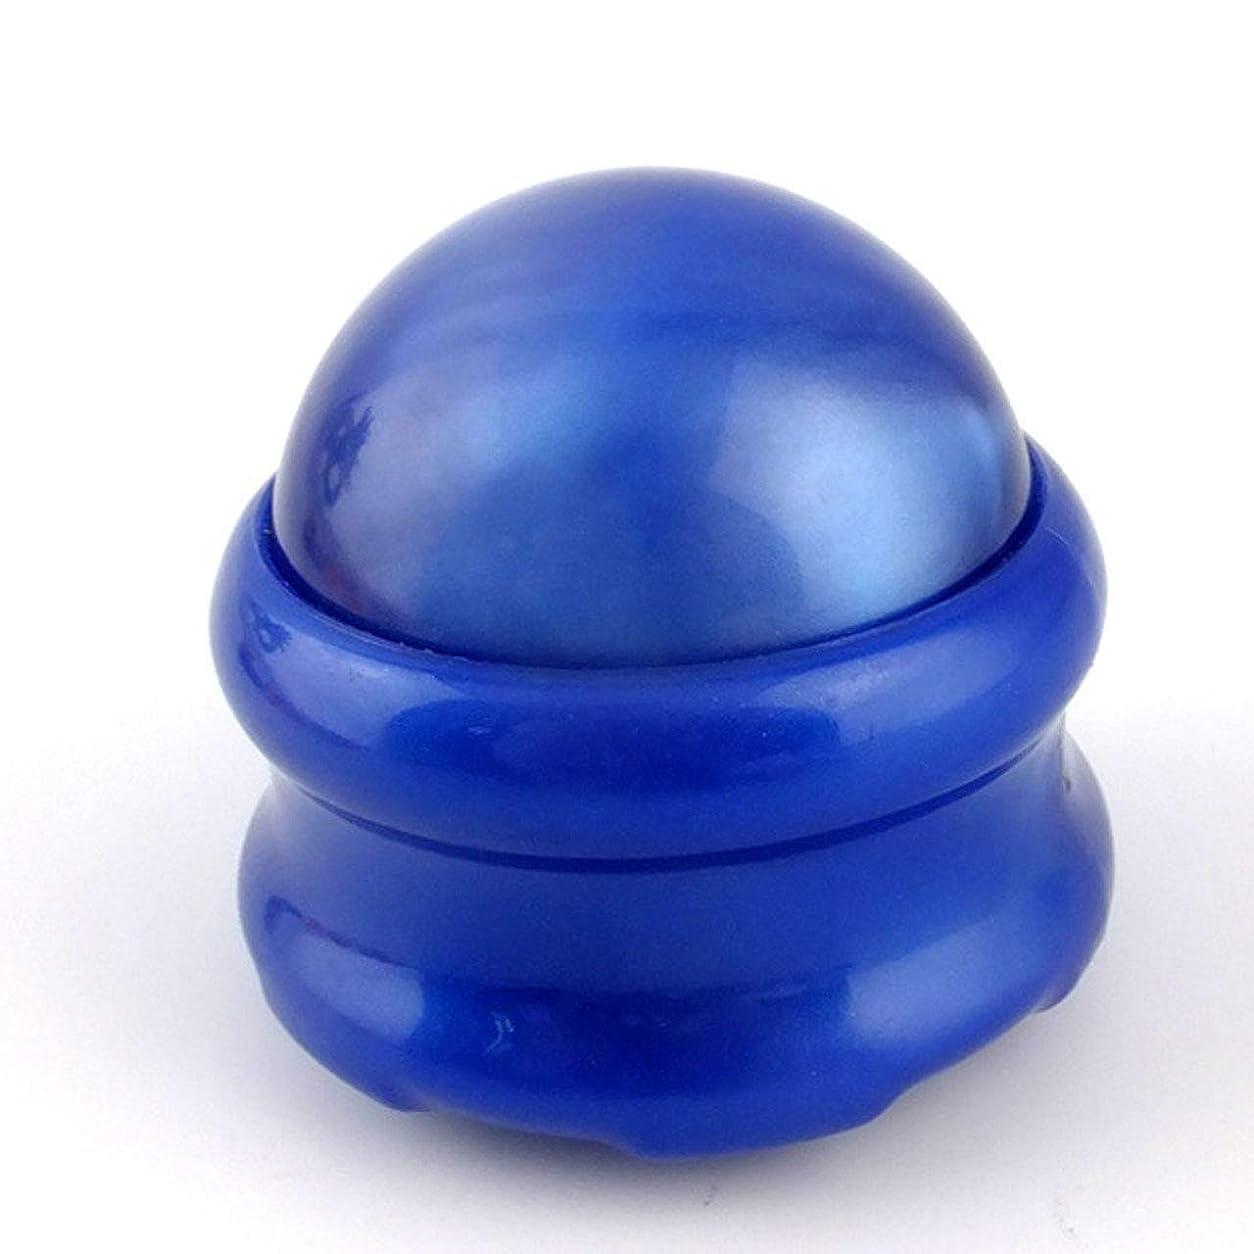 依存する状況ハシーHAMILO マッサージボール 健康器具 ローラー 肩 腰 足裏 首すじ コロコロ マッサージ (2個セット)